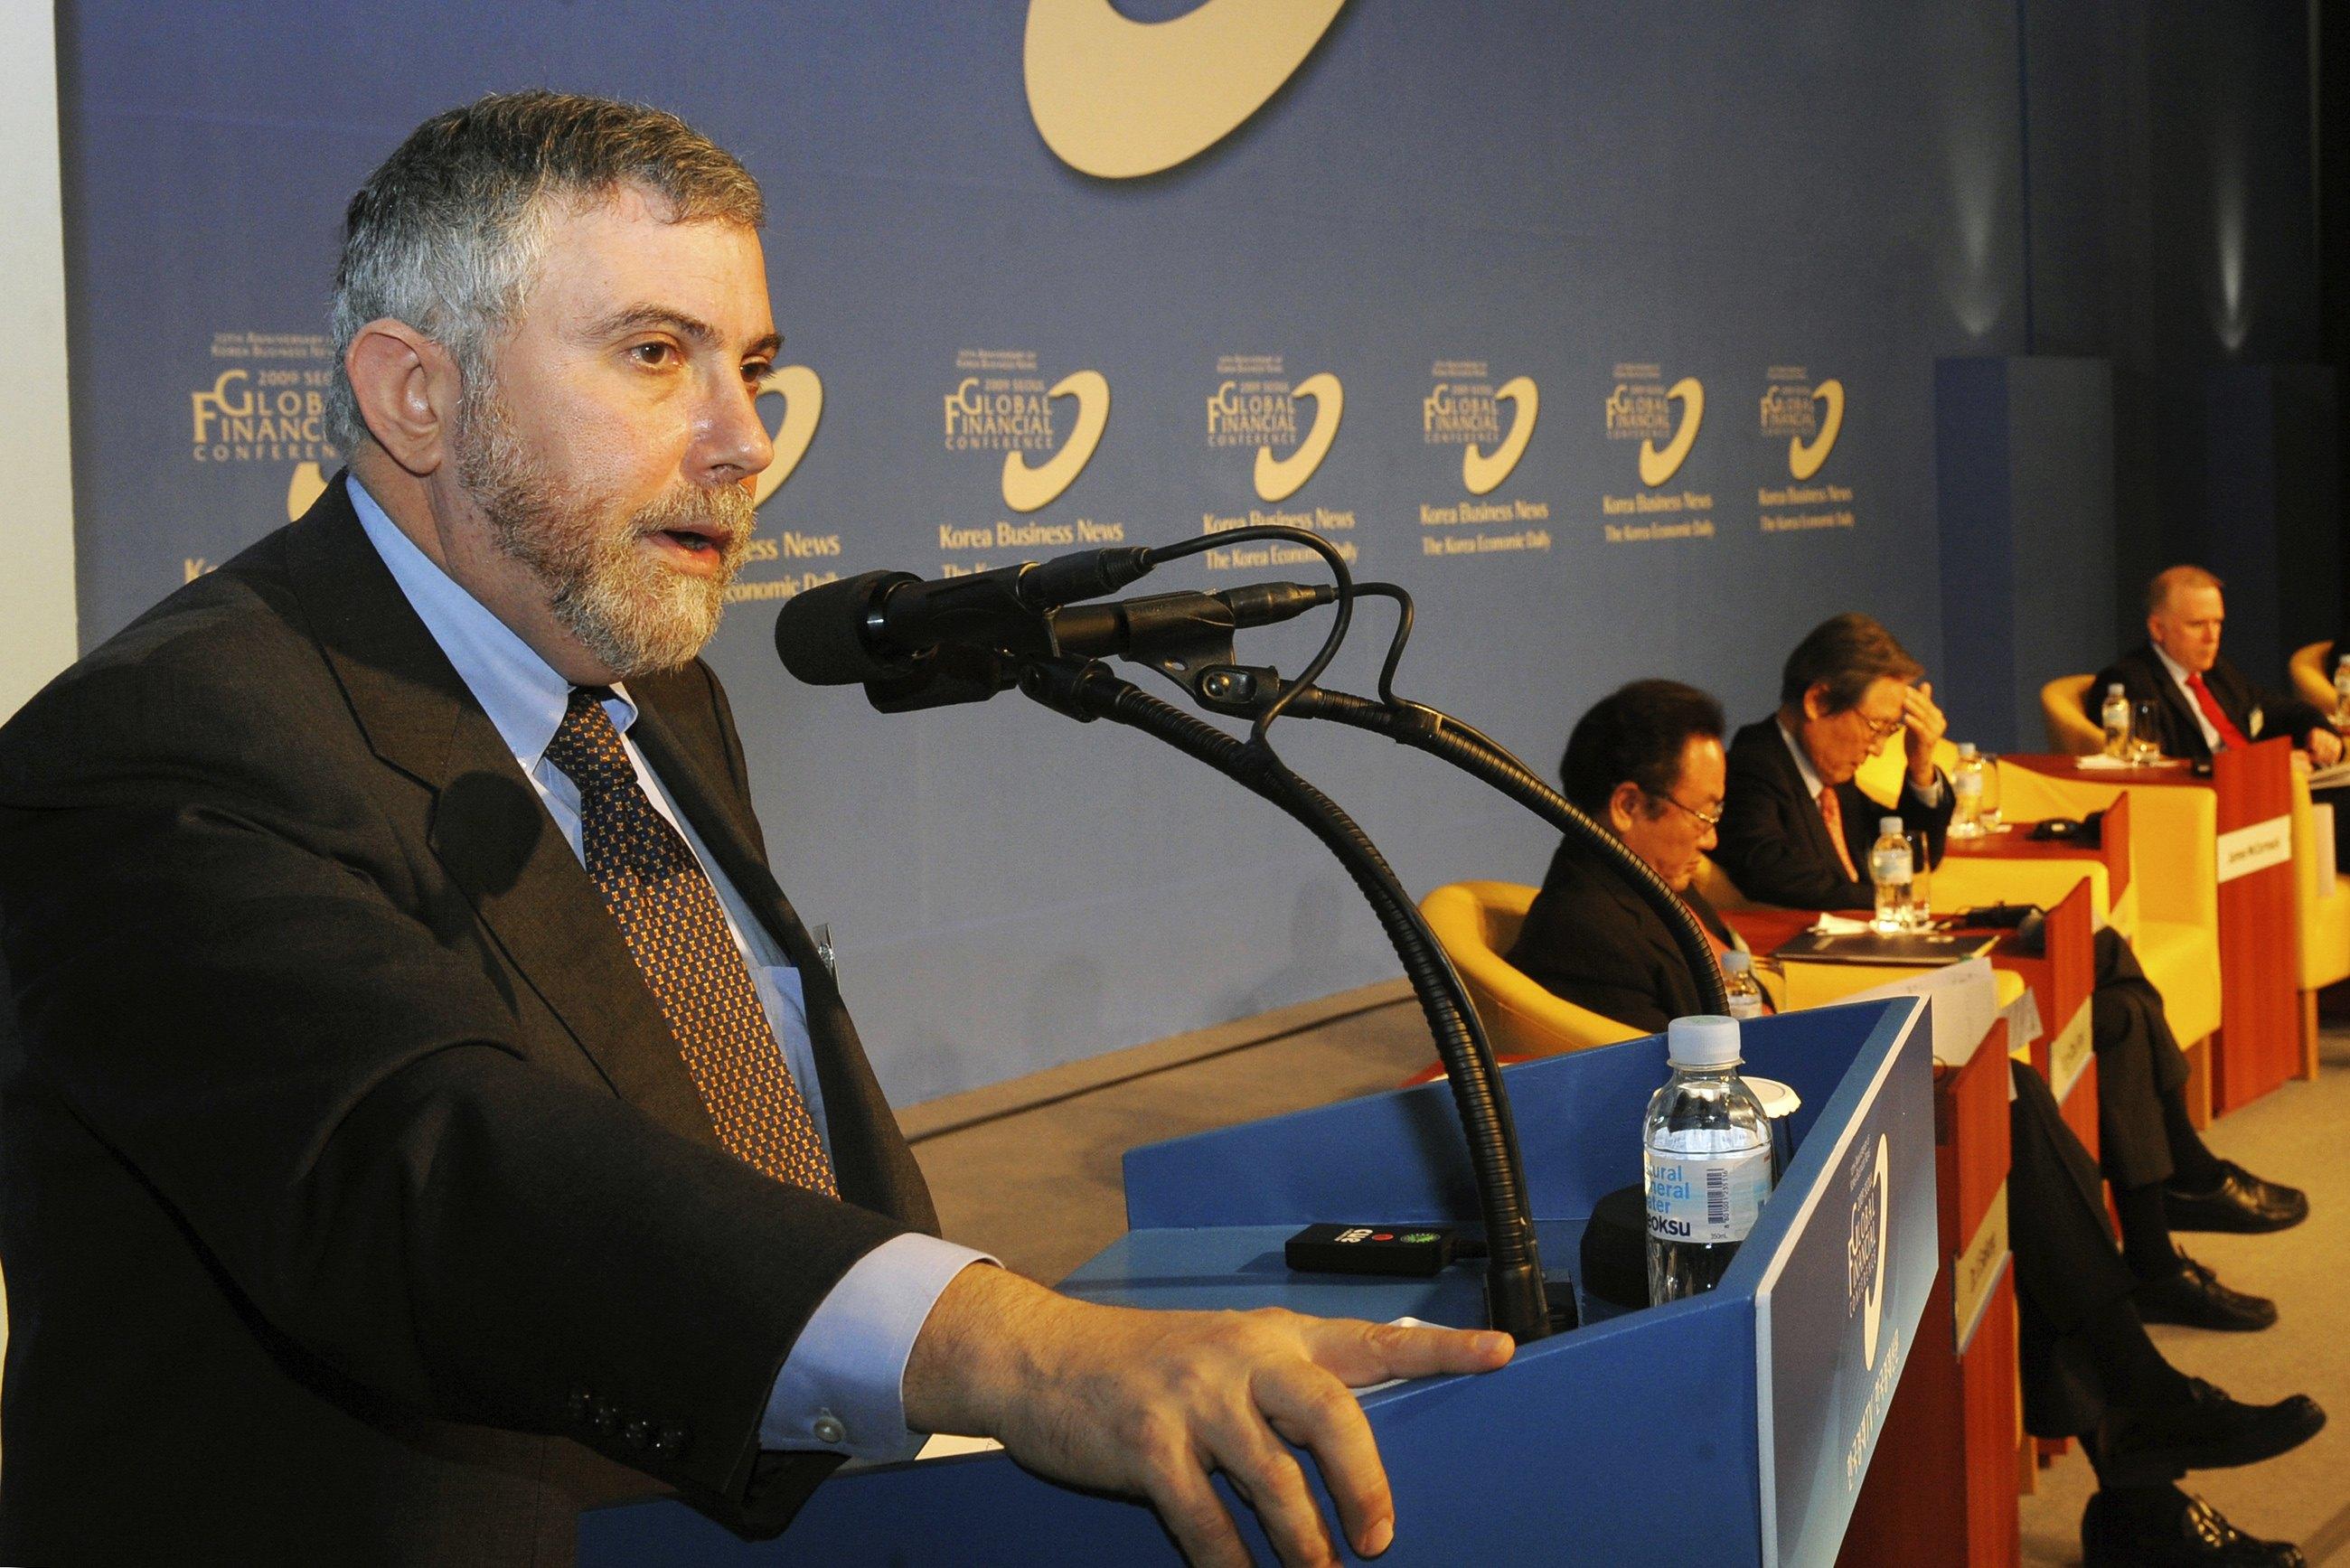 Πολ Κρούγκμαν : Αναπόφευκτη η έξοδος της Ελλάδας από το ευρώ | tovima.gr